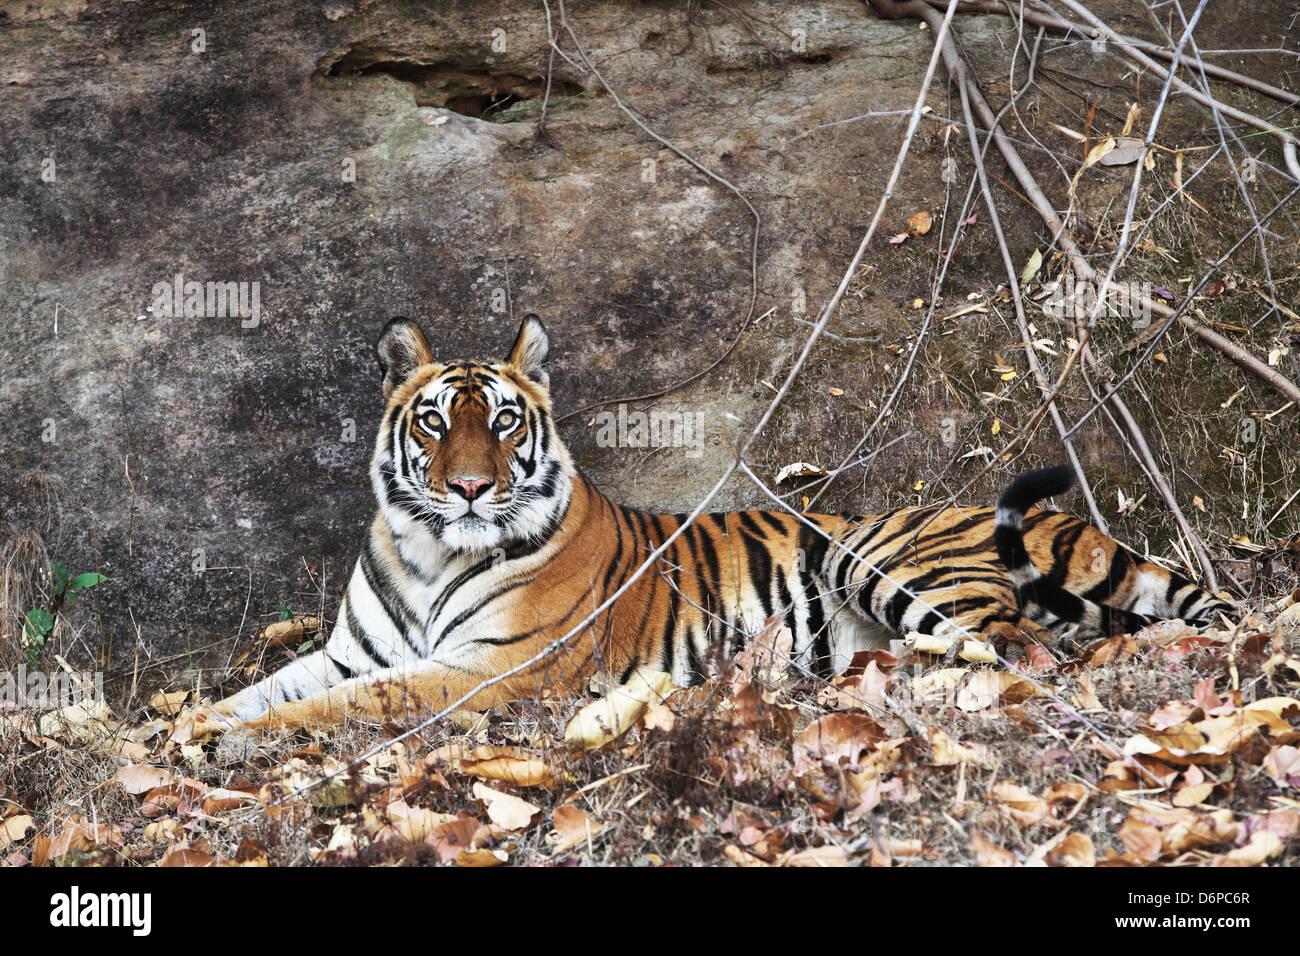 Bengal tiger, Panthera tigris tigris, Bandhavgarh National Park, Madhya Pradesh, India - Stock Image